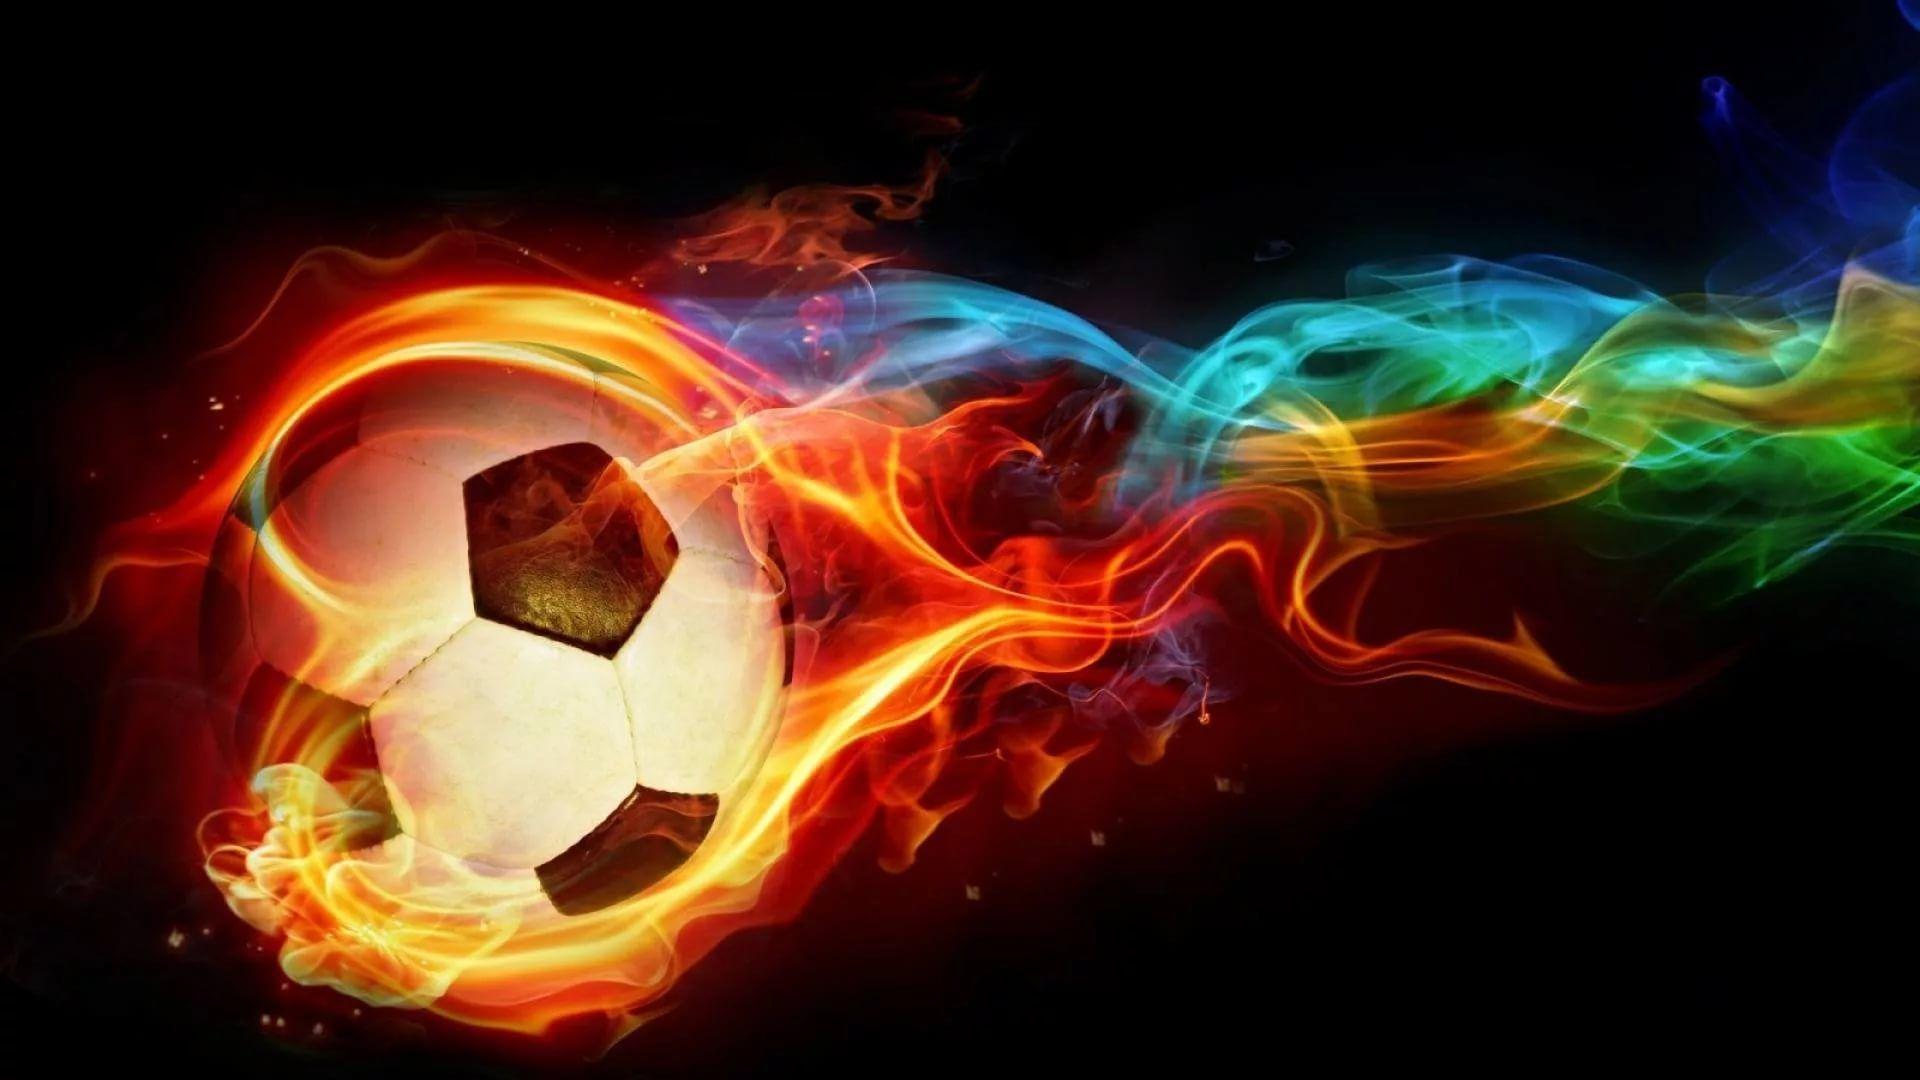 Soccer Ball hd wallpaper